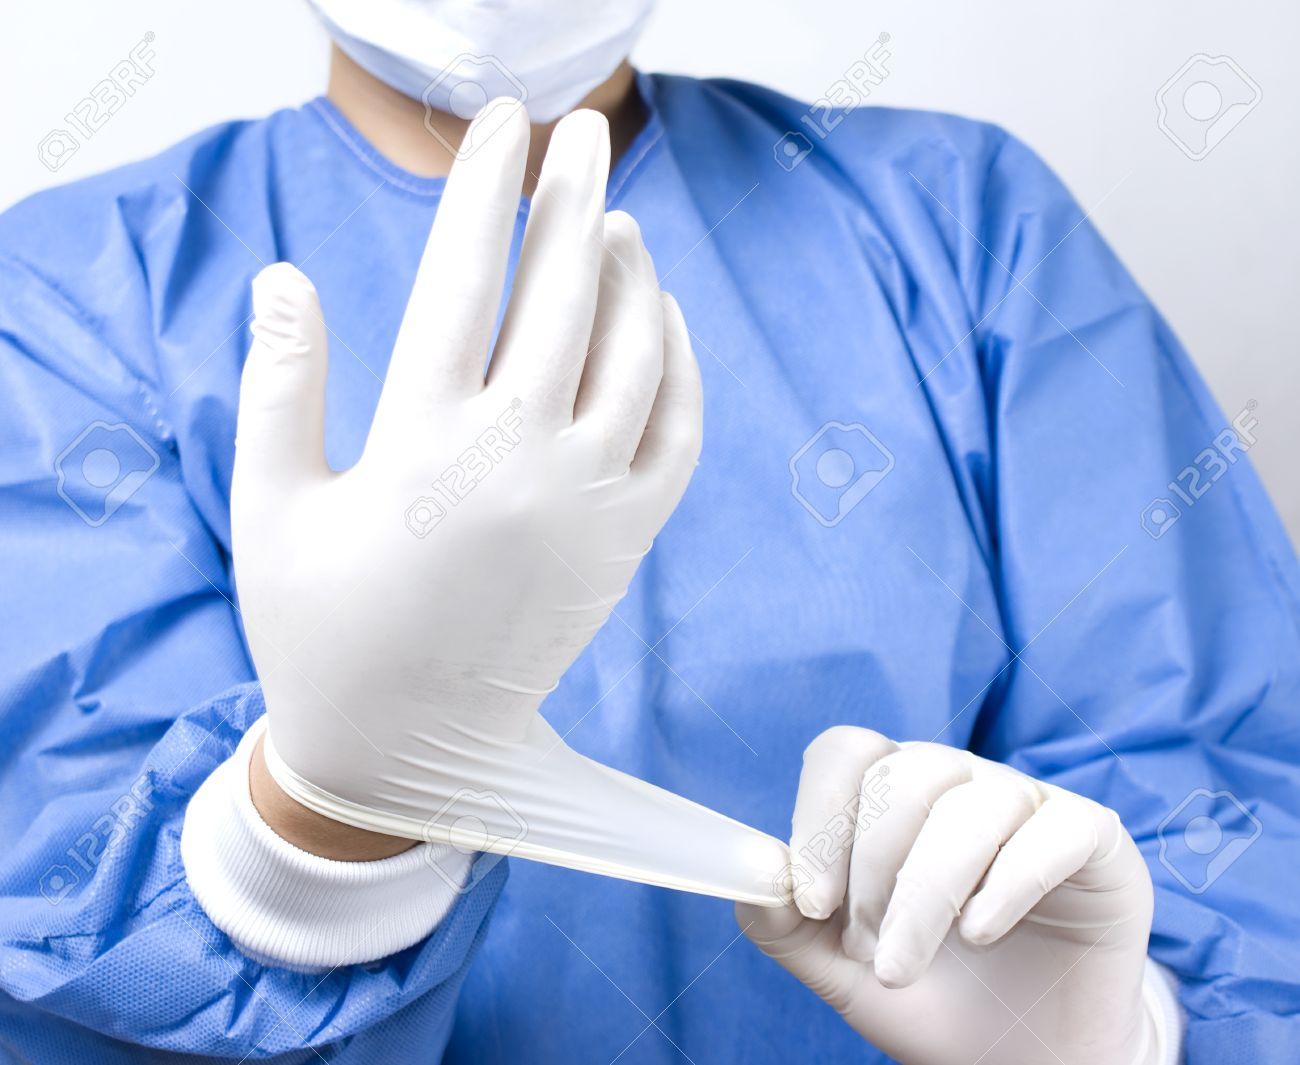 5 Kisah Tentang Alat Medis Yang Pernah Tertinggal Di Tubuh Pasien